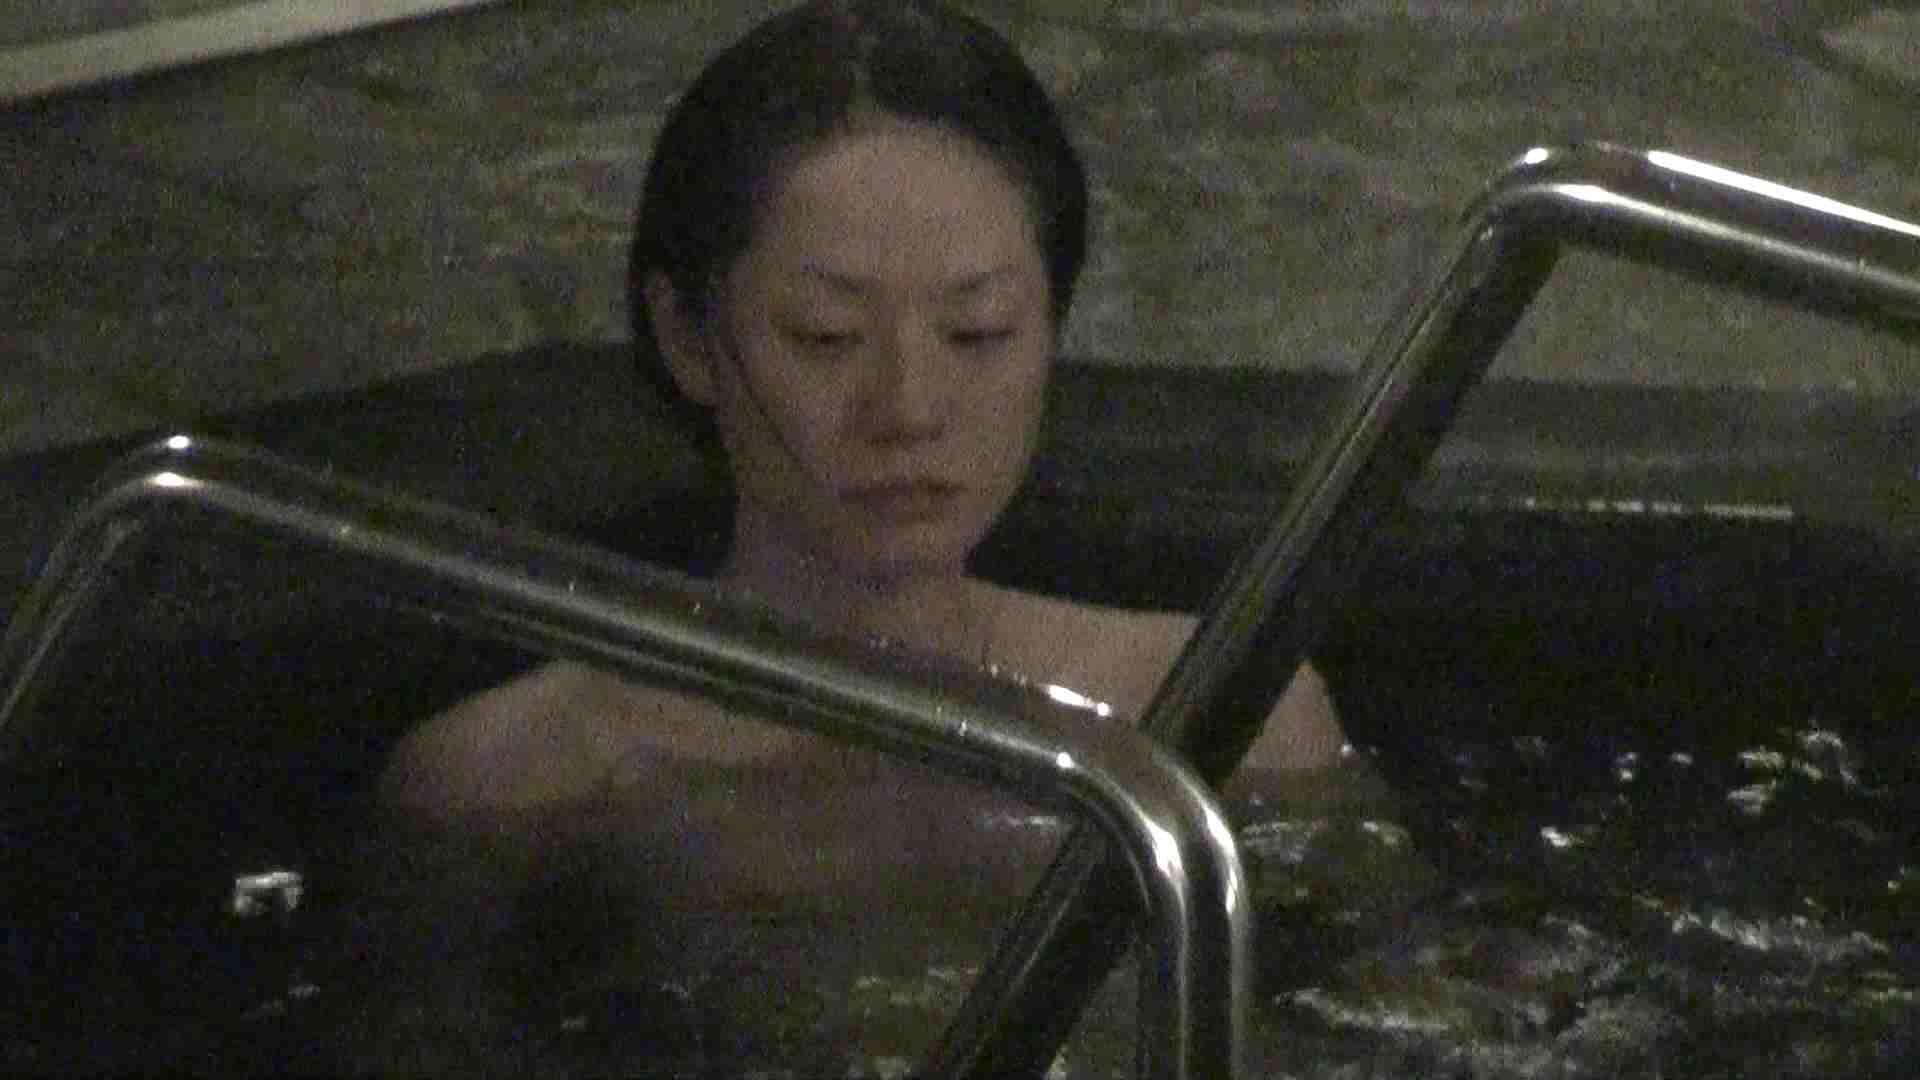 Aquaな露天風呂Vol.318 美しいOLの裸体   盗撮師作品  105pic 97